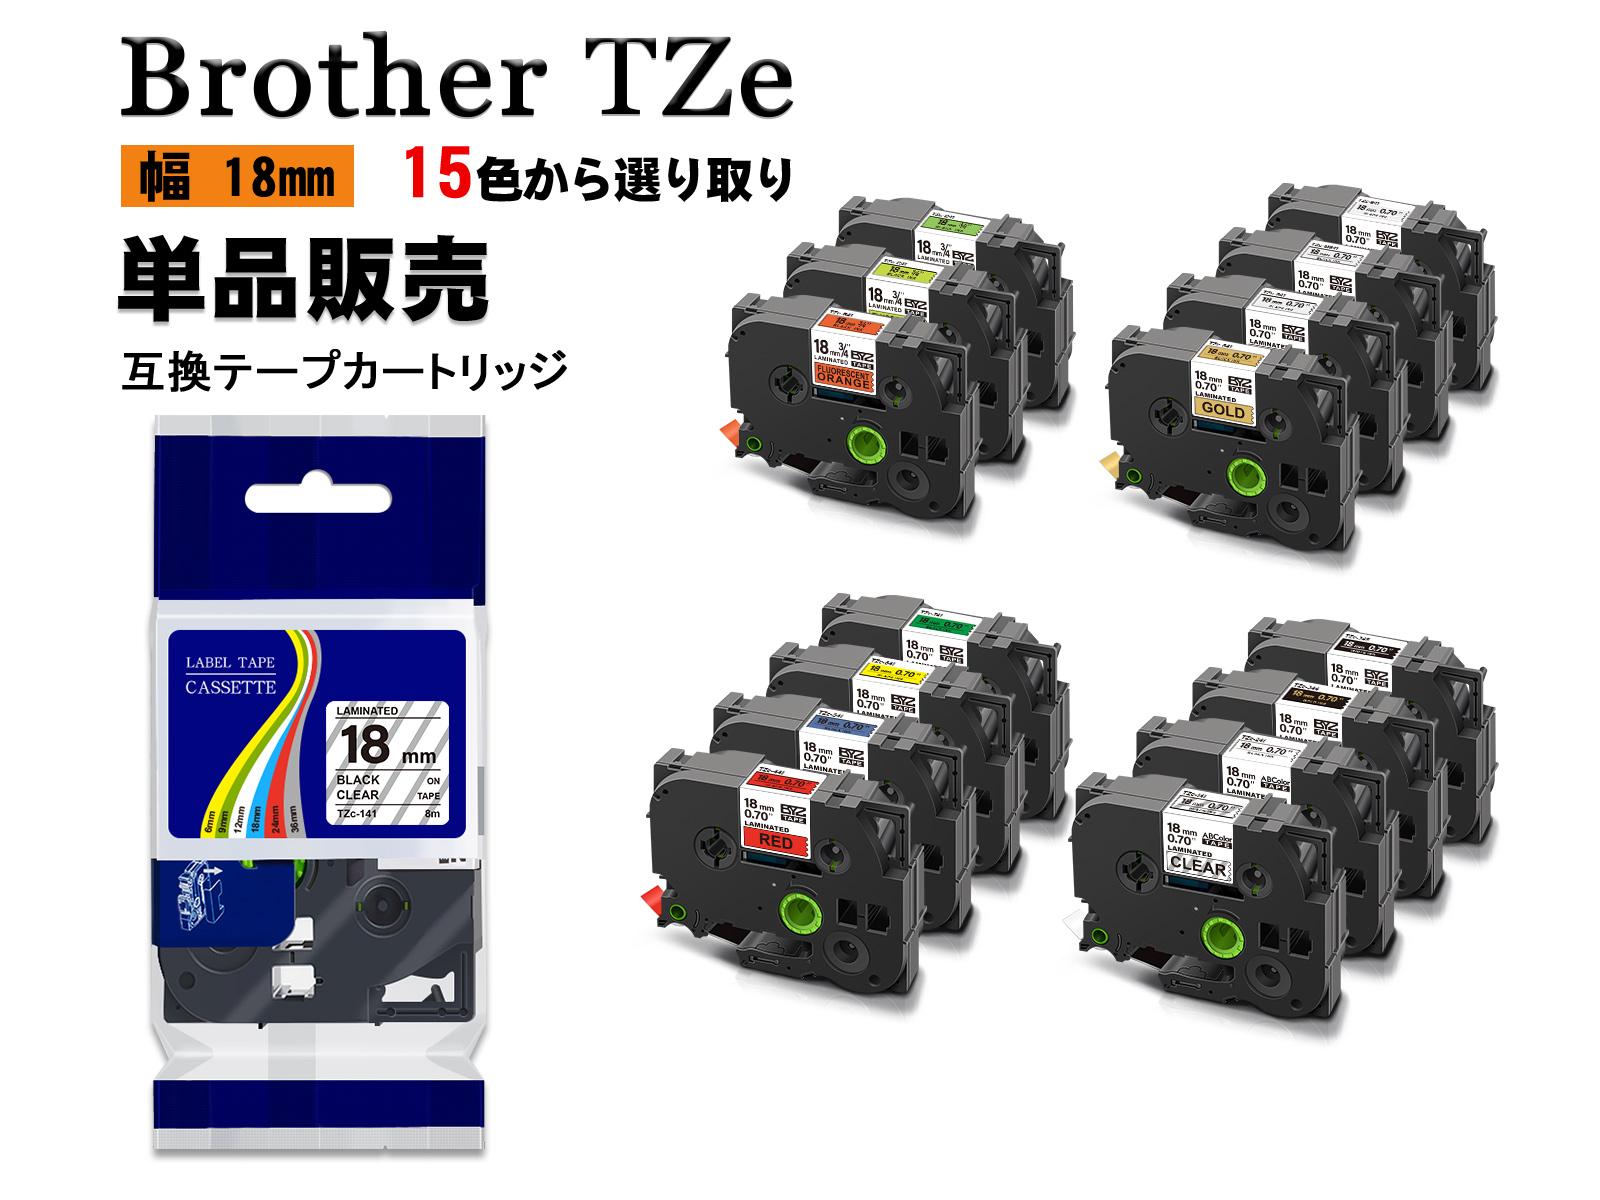 幅 18mm 全 2020秋冬新作 15色 名前シール Brother ブラザー テプラテープ ピータッチキューブ用 1個 マイラベル 贈呈 TZeシリーズ 長さ 2年保証可能 TZeテープ お名前シール 互換 8m